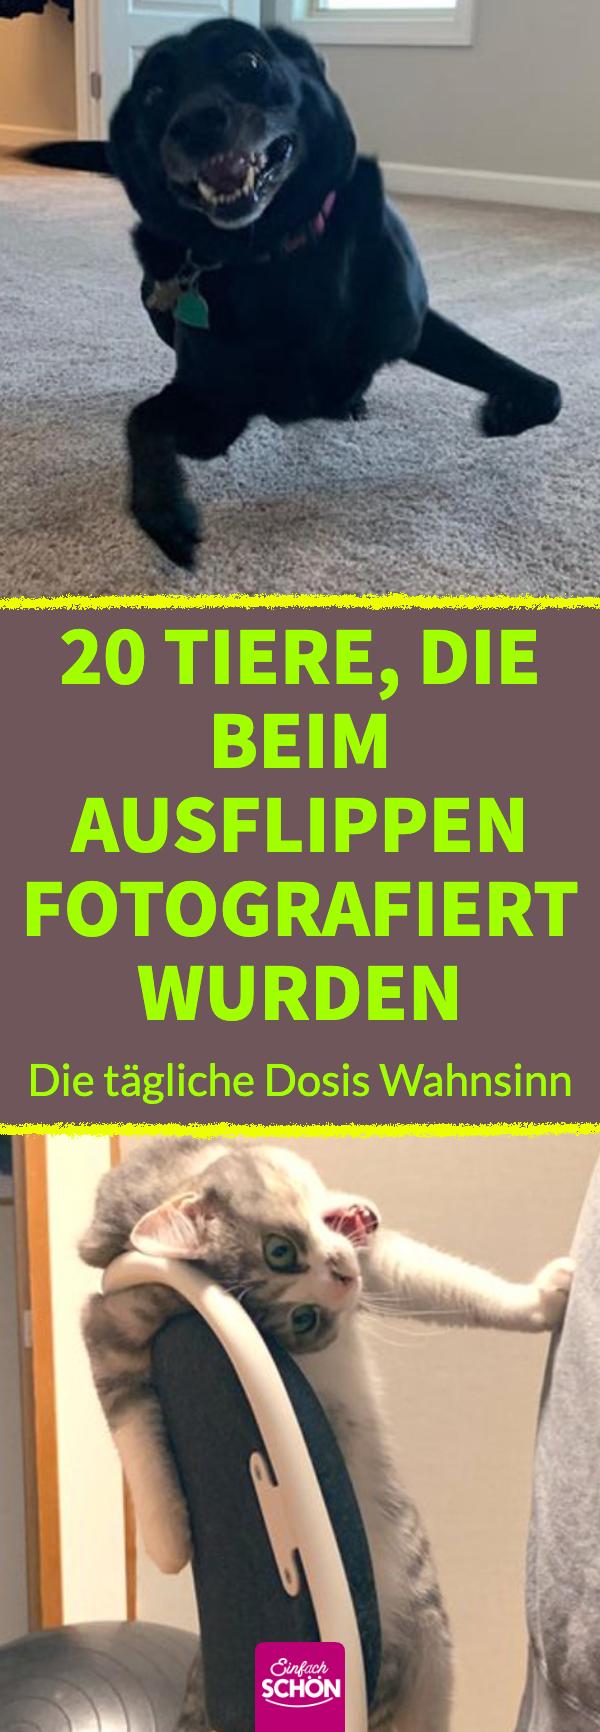 20 Tiere, die beim Ausflippen fotografiert wurden Lustige ...